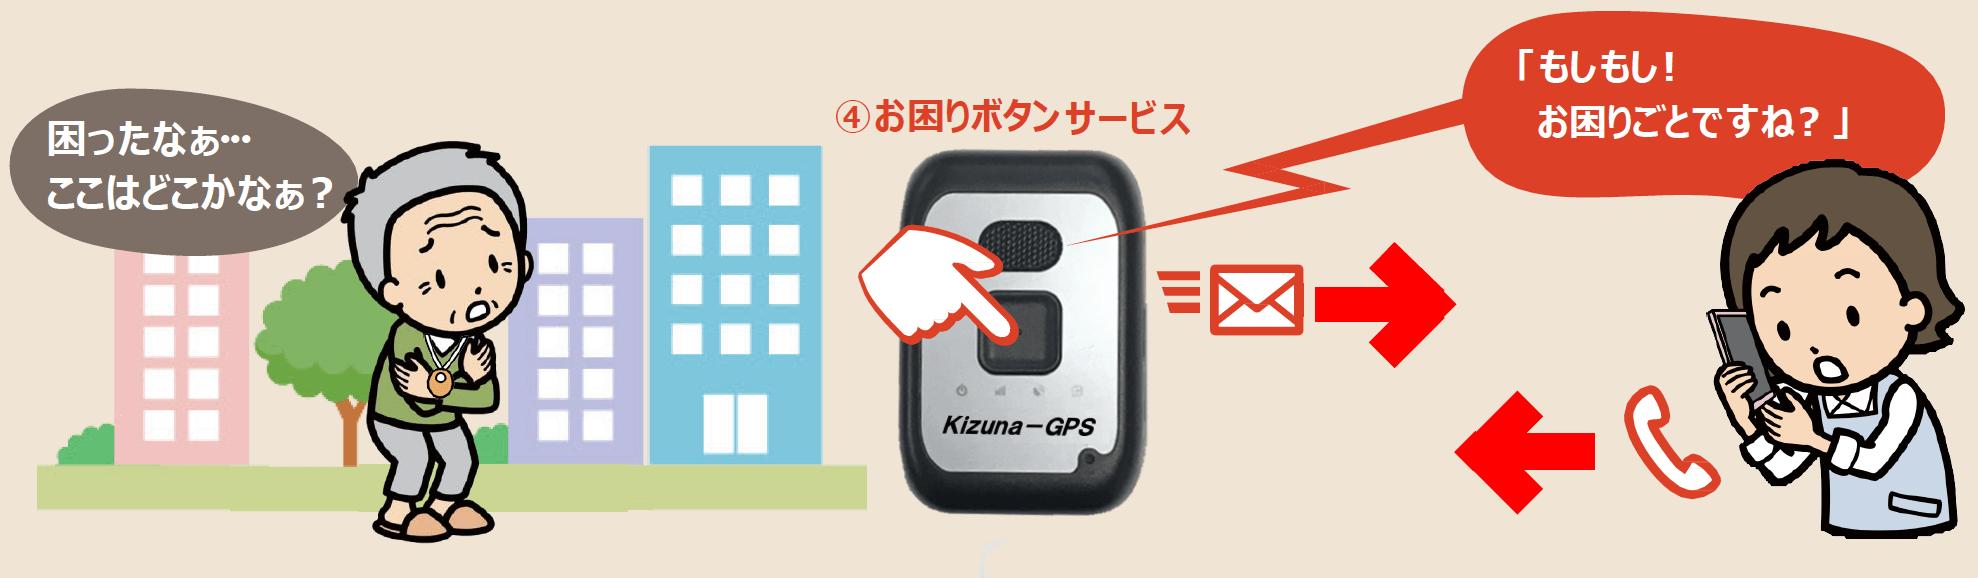 徘徊見守りサービス「絆GPS」の通話機能を使って、お迎えが必要な状況か確認するイメージ